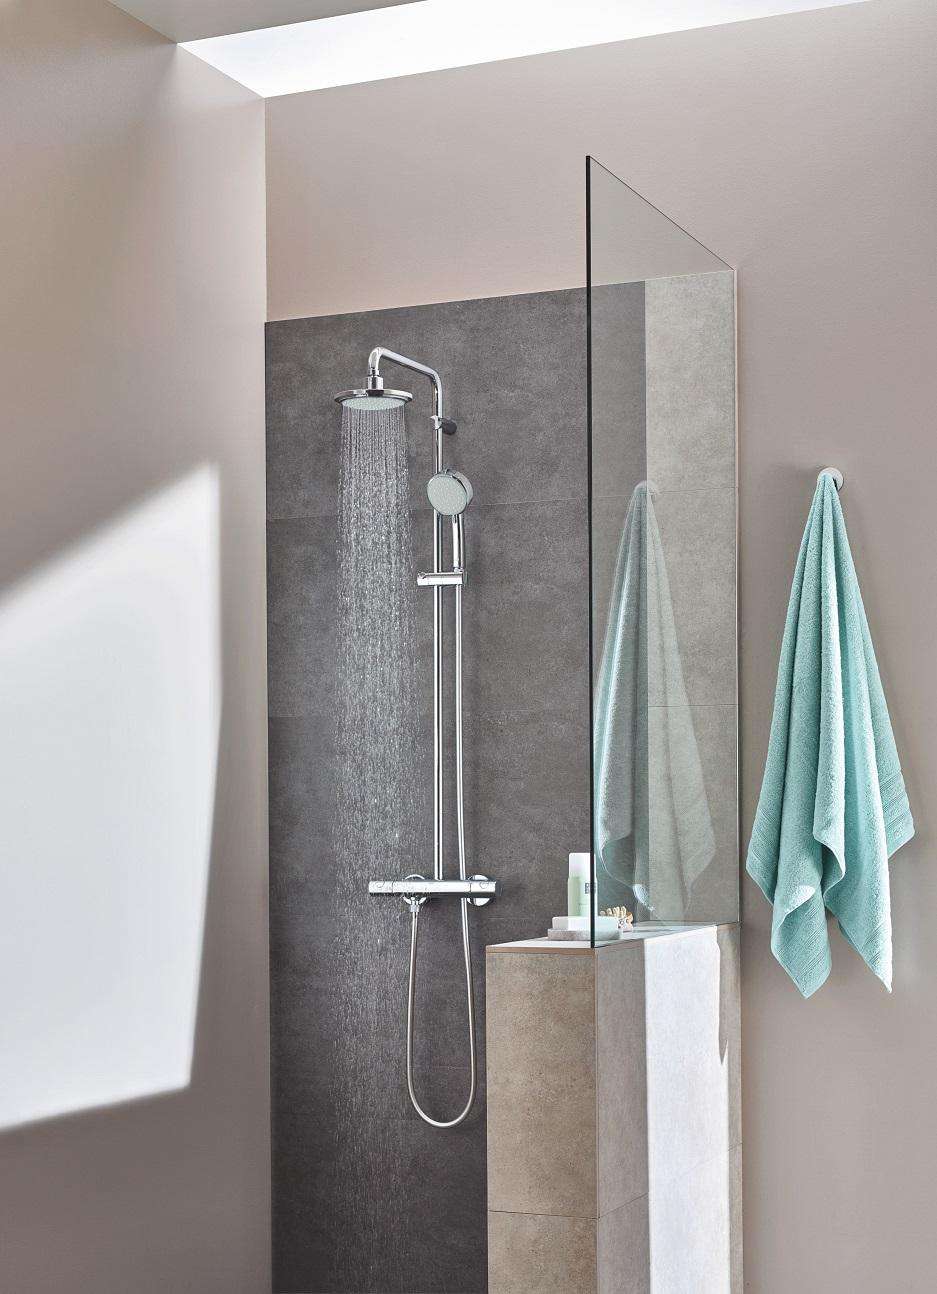 łazienka w kawalerce z prysznicem